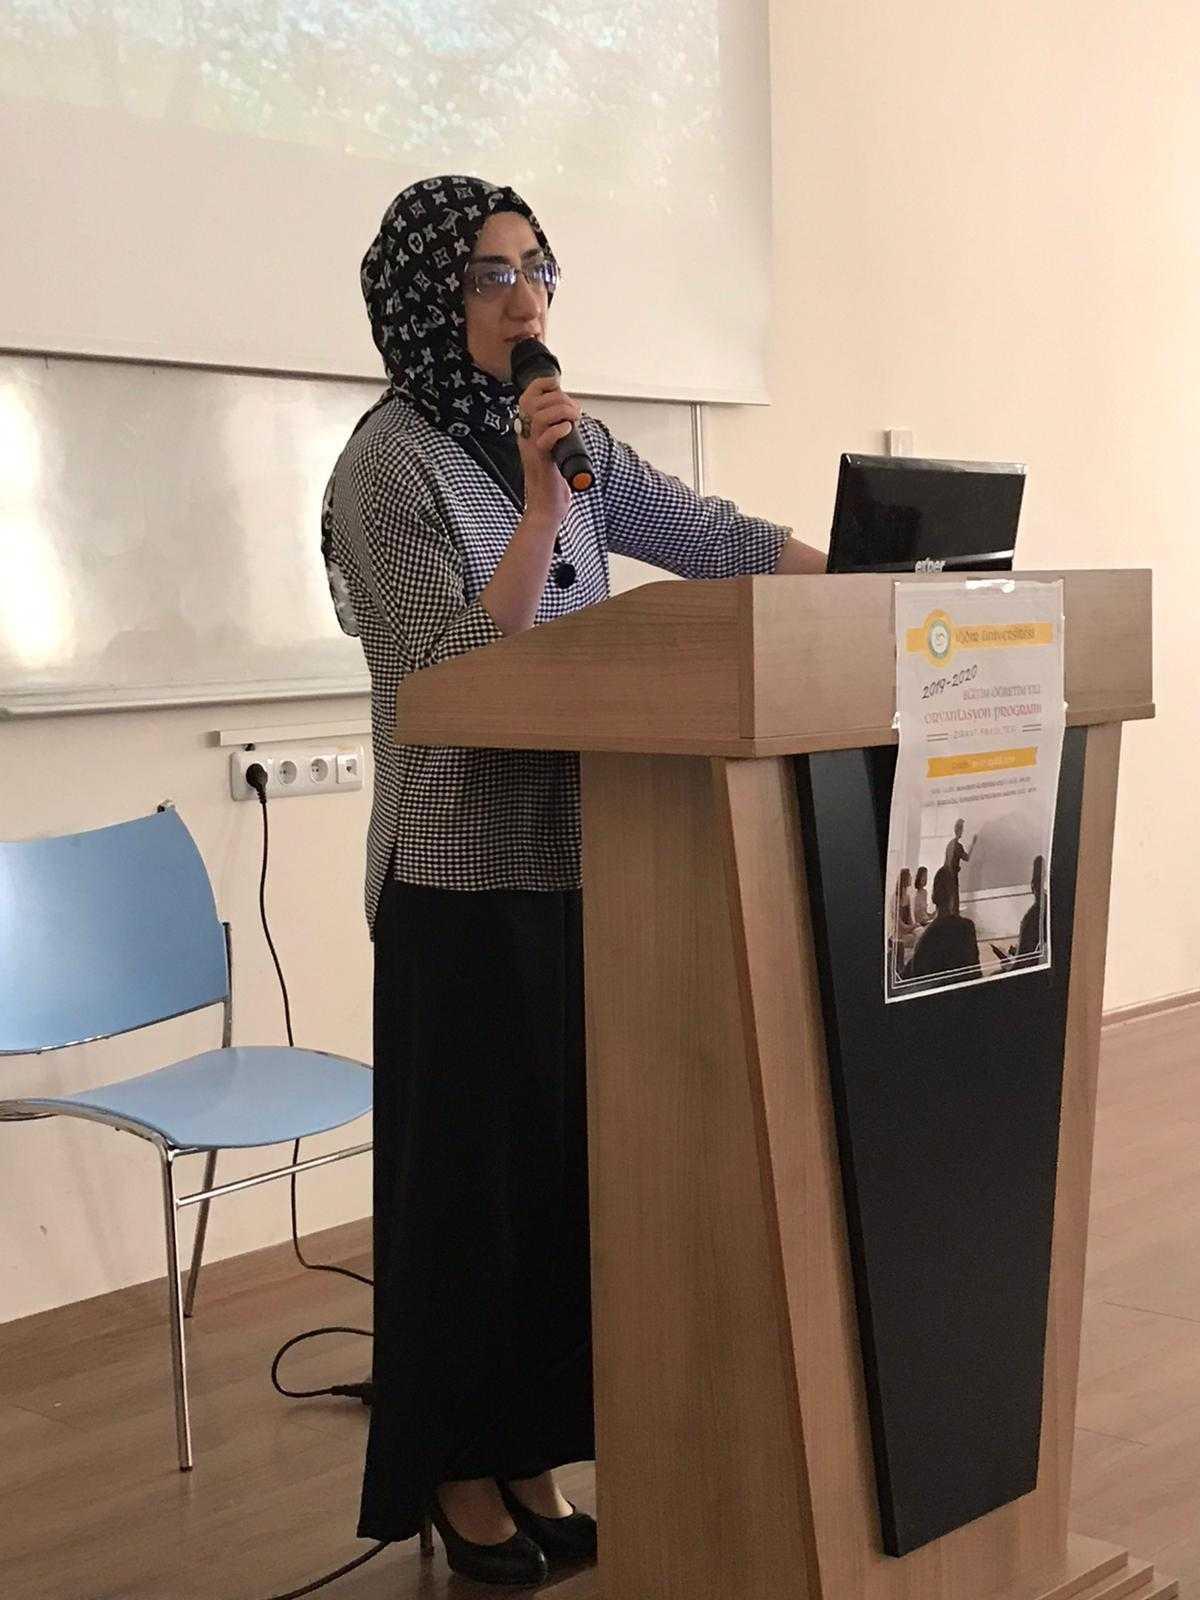 Iğdır Üniversitesi Fen-Edebiyat Fakültesi,  2019-2020 Güz Dönemi Eğitim Öğretim Yılı Oryantasyon programı